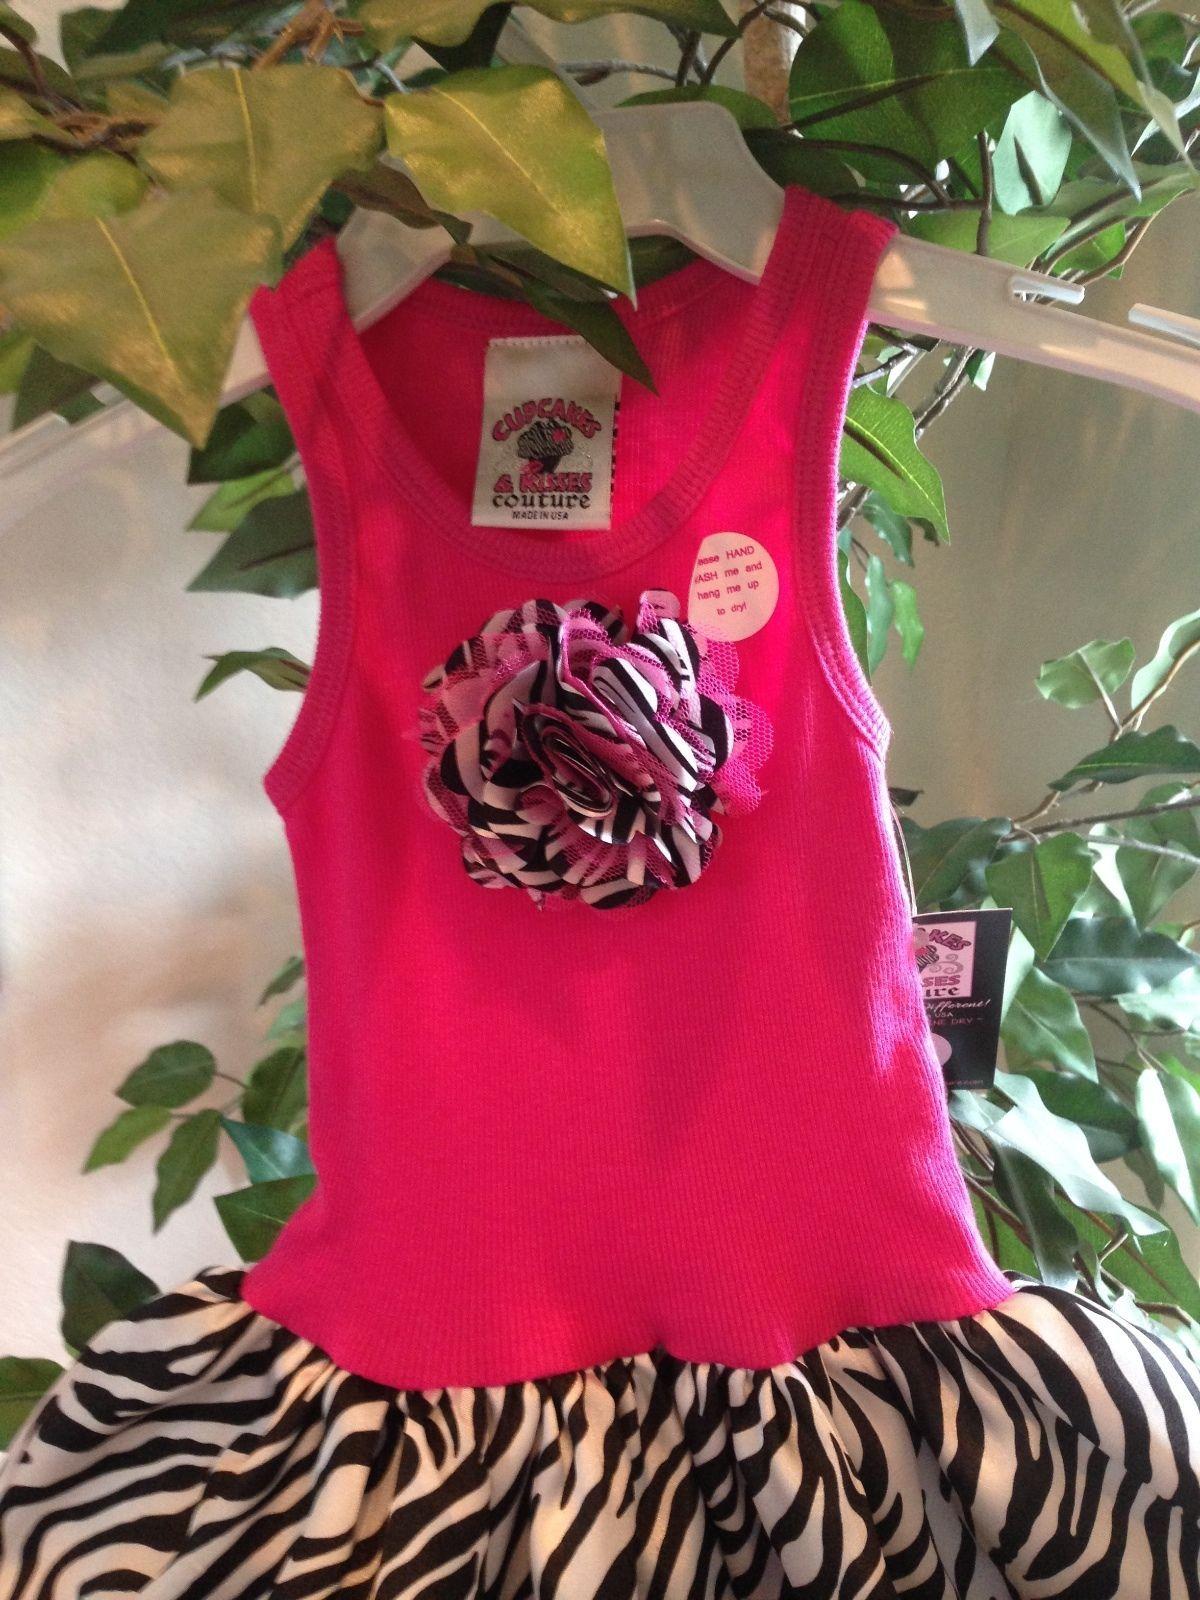 Image 6 of Fun Hot Pink Zebra Chiffon Sleeveless Tutu Dress, 6M-5/6 USA, Cupcakes & Kisses